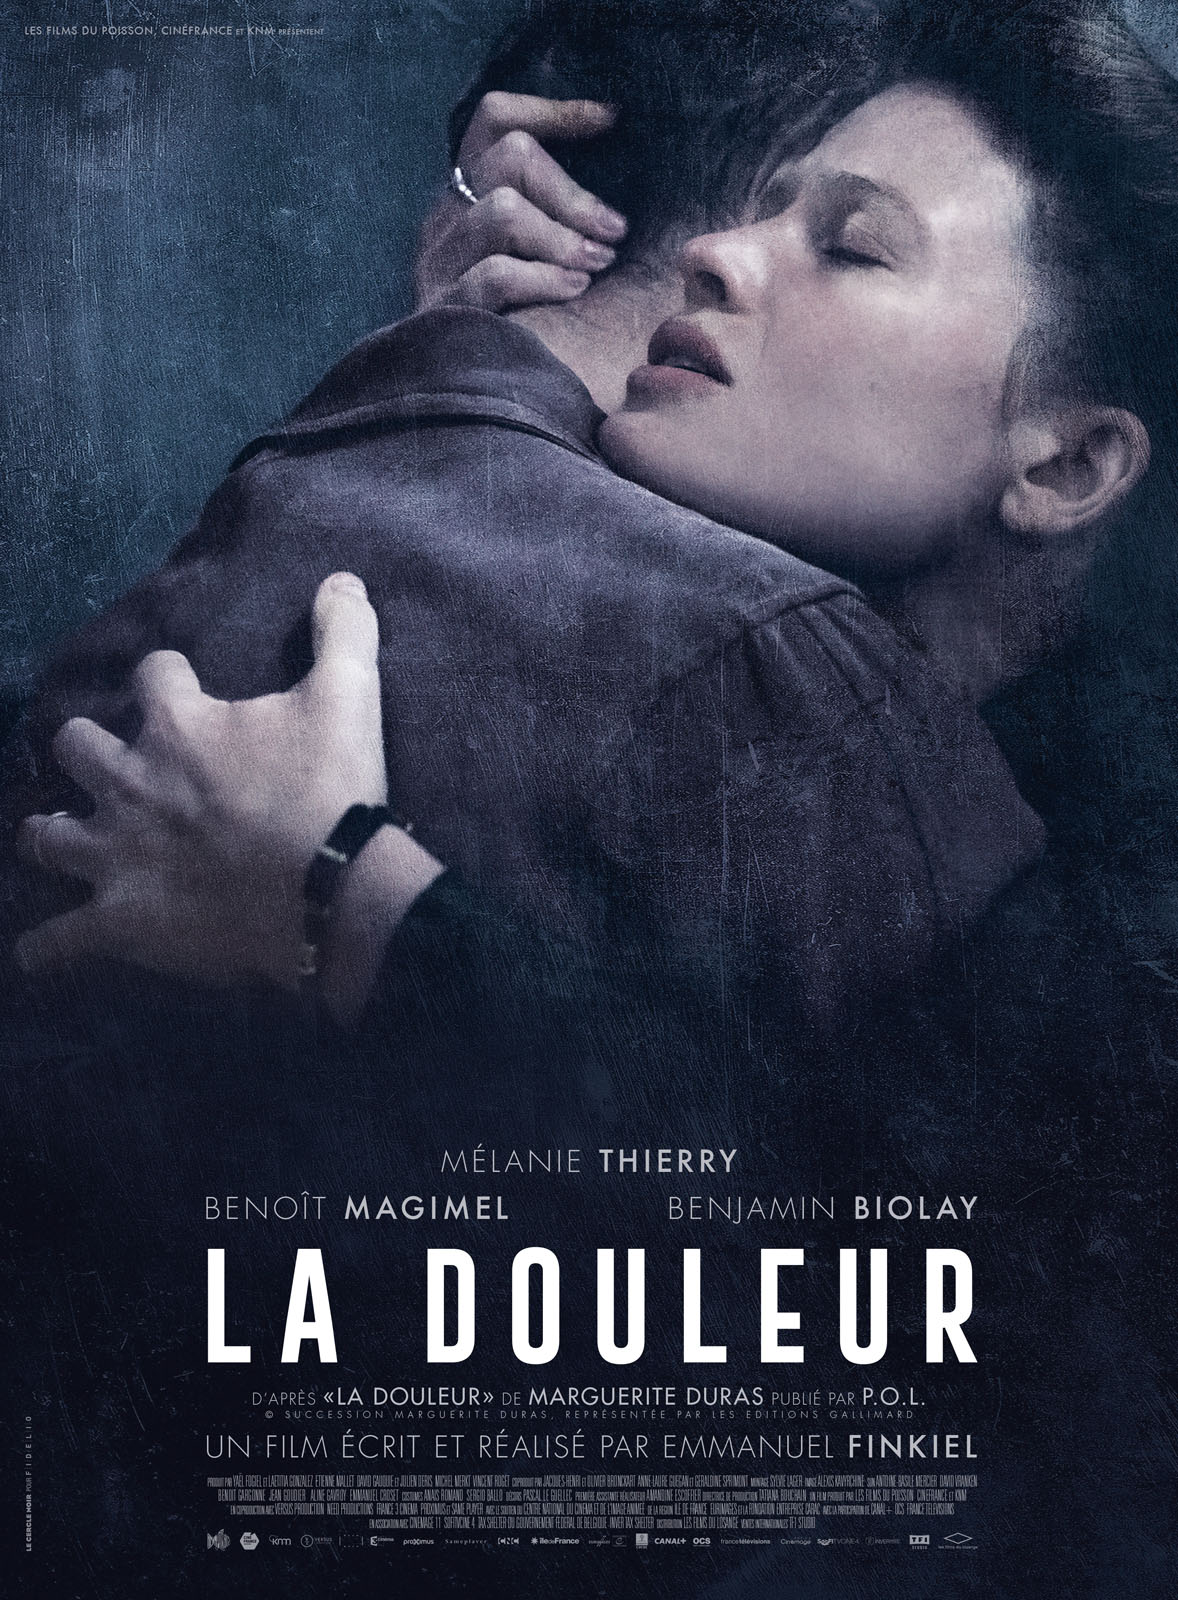 """Résultat de recherche d'images pour """"melanie thierry LA DOULEUR"""""""